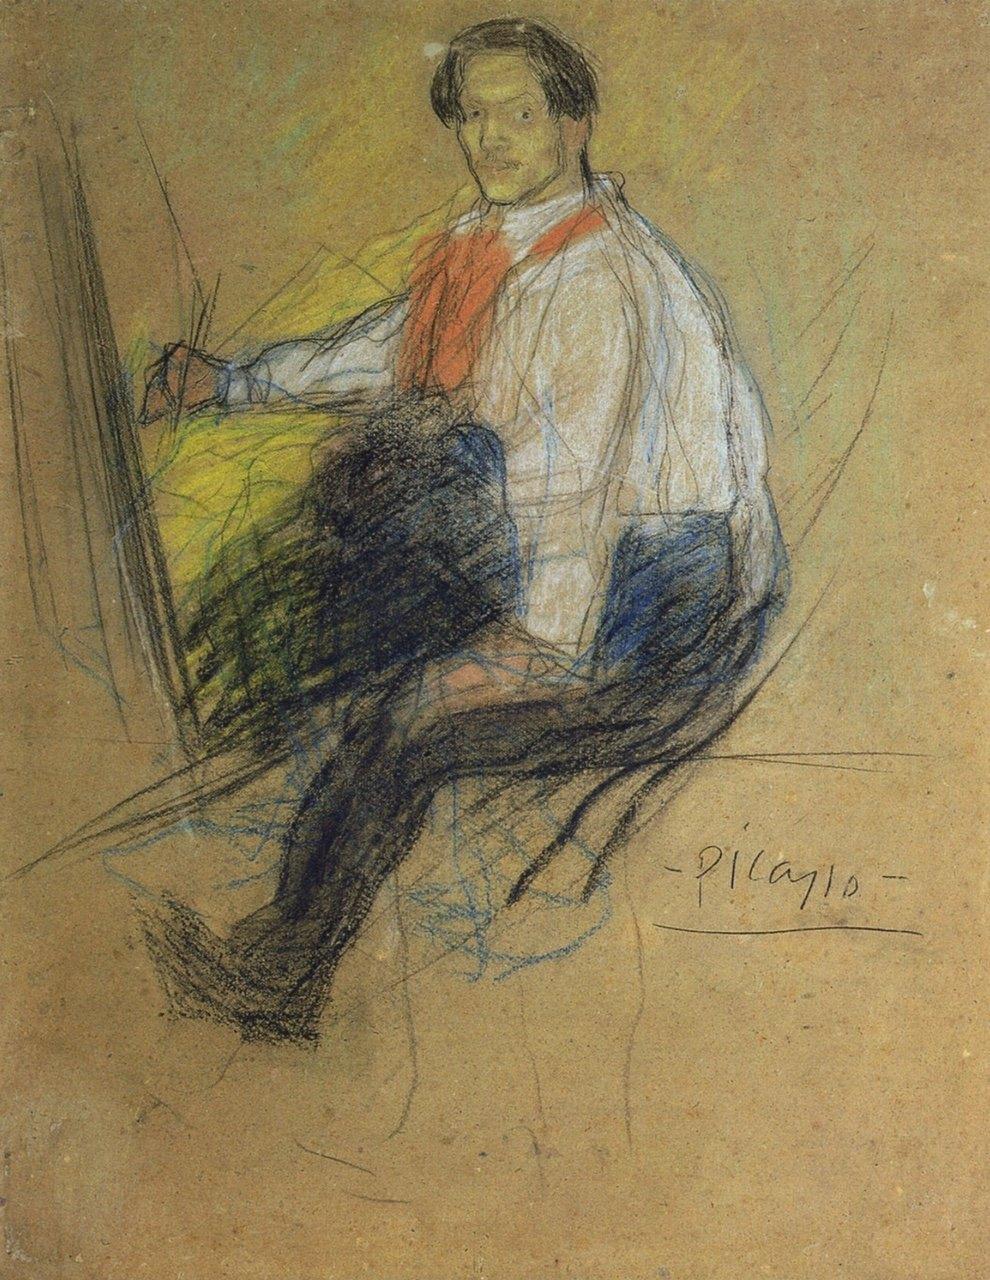 Pablo Picasso - Esquisse pour Autoportrait 'Yo, Picasso' - 1901